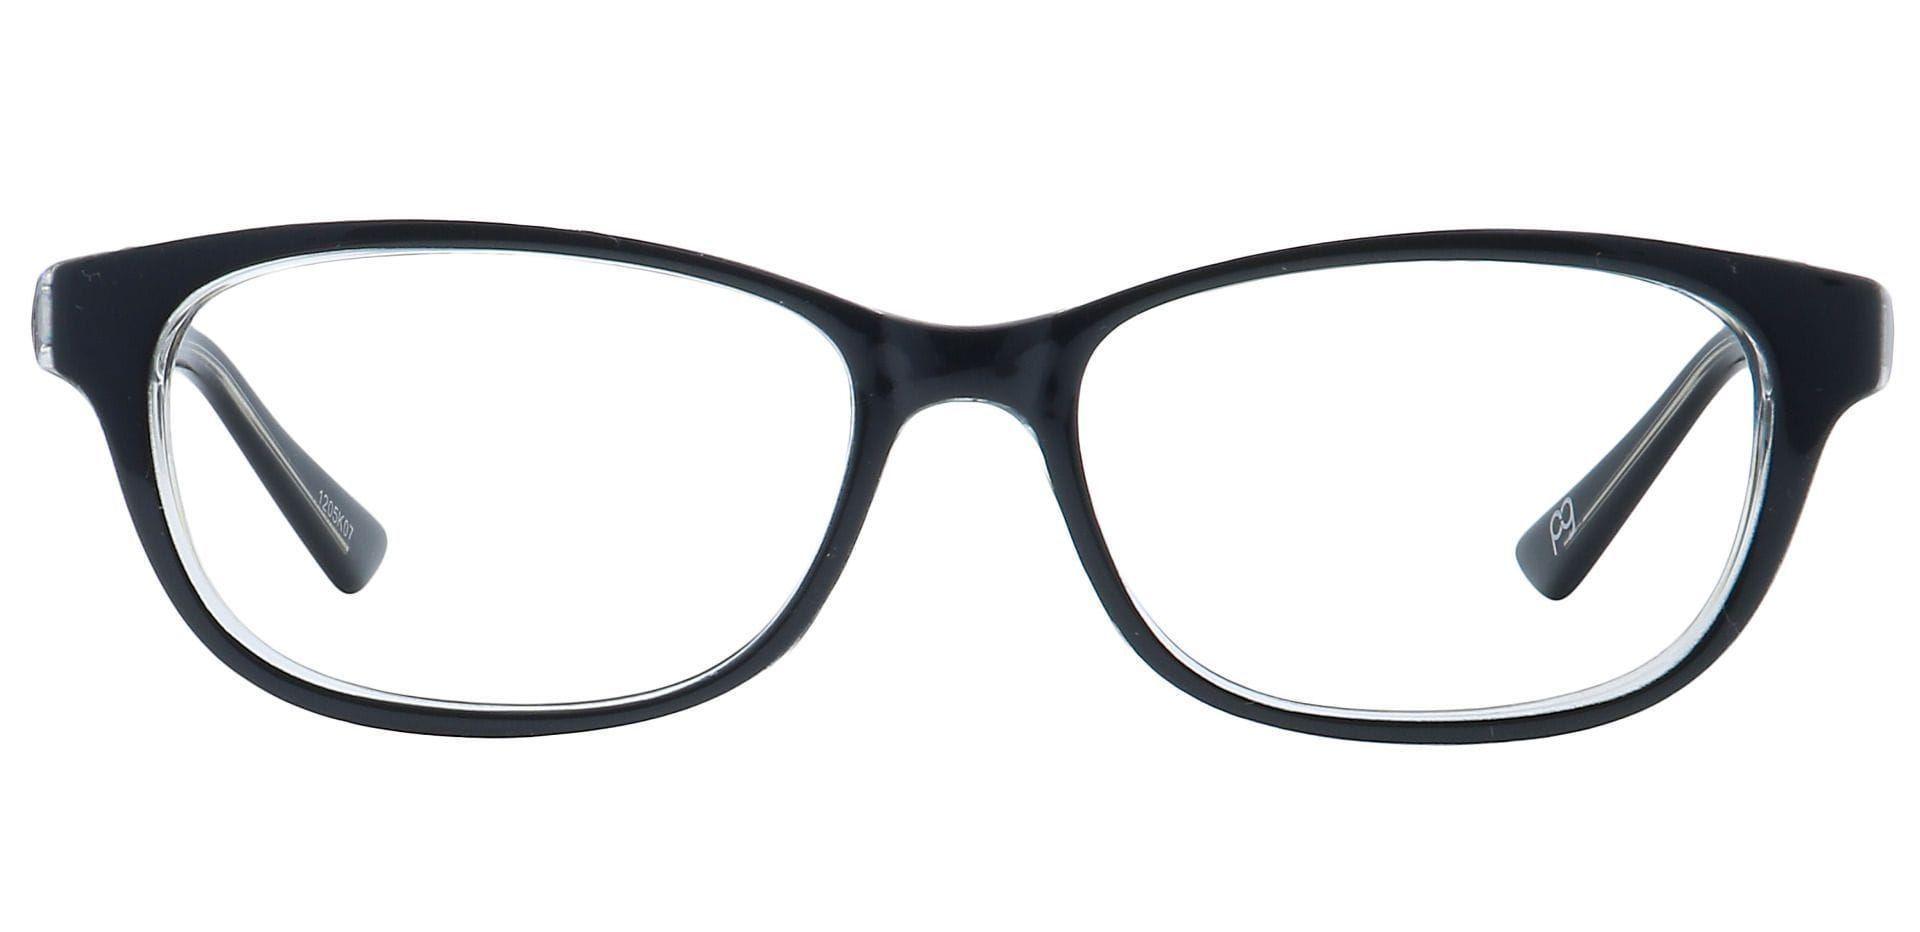 Reyna Classic Square Prescription Glasses - Black